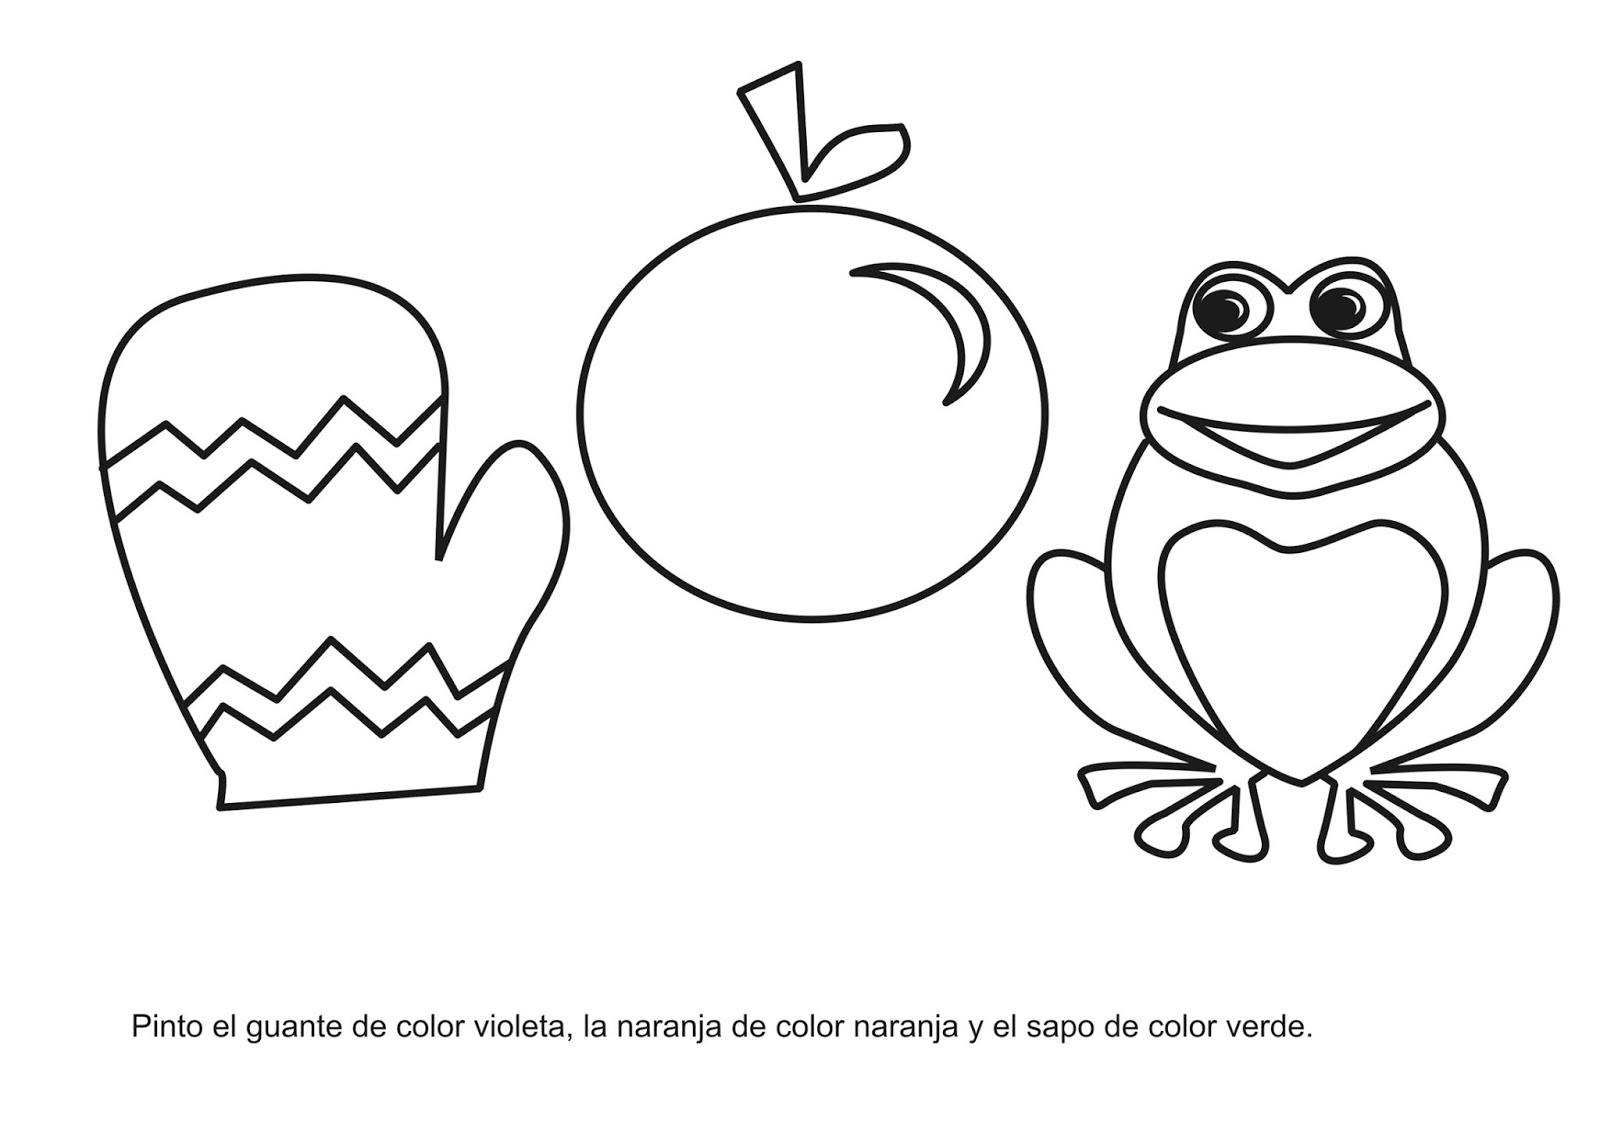 Pagina Para Colorear De Preescolar En Color Para Con: Trabajando En El Nivel Inicial: Aprendiendo Los Colores